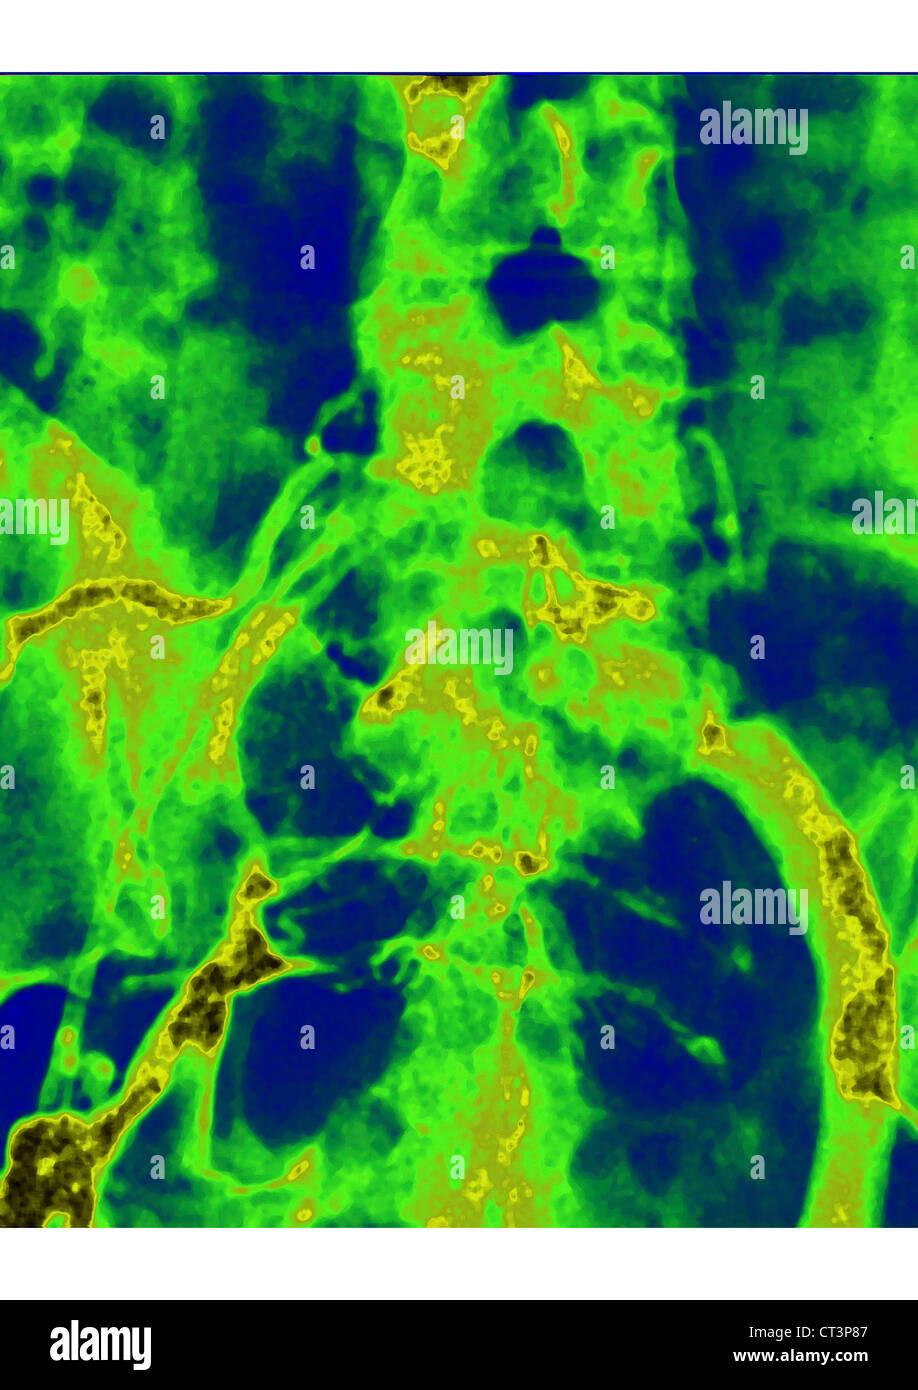 THROMBOPHLEBITIS, ANGIOGRAPHY - Stock Image